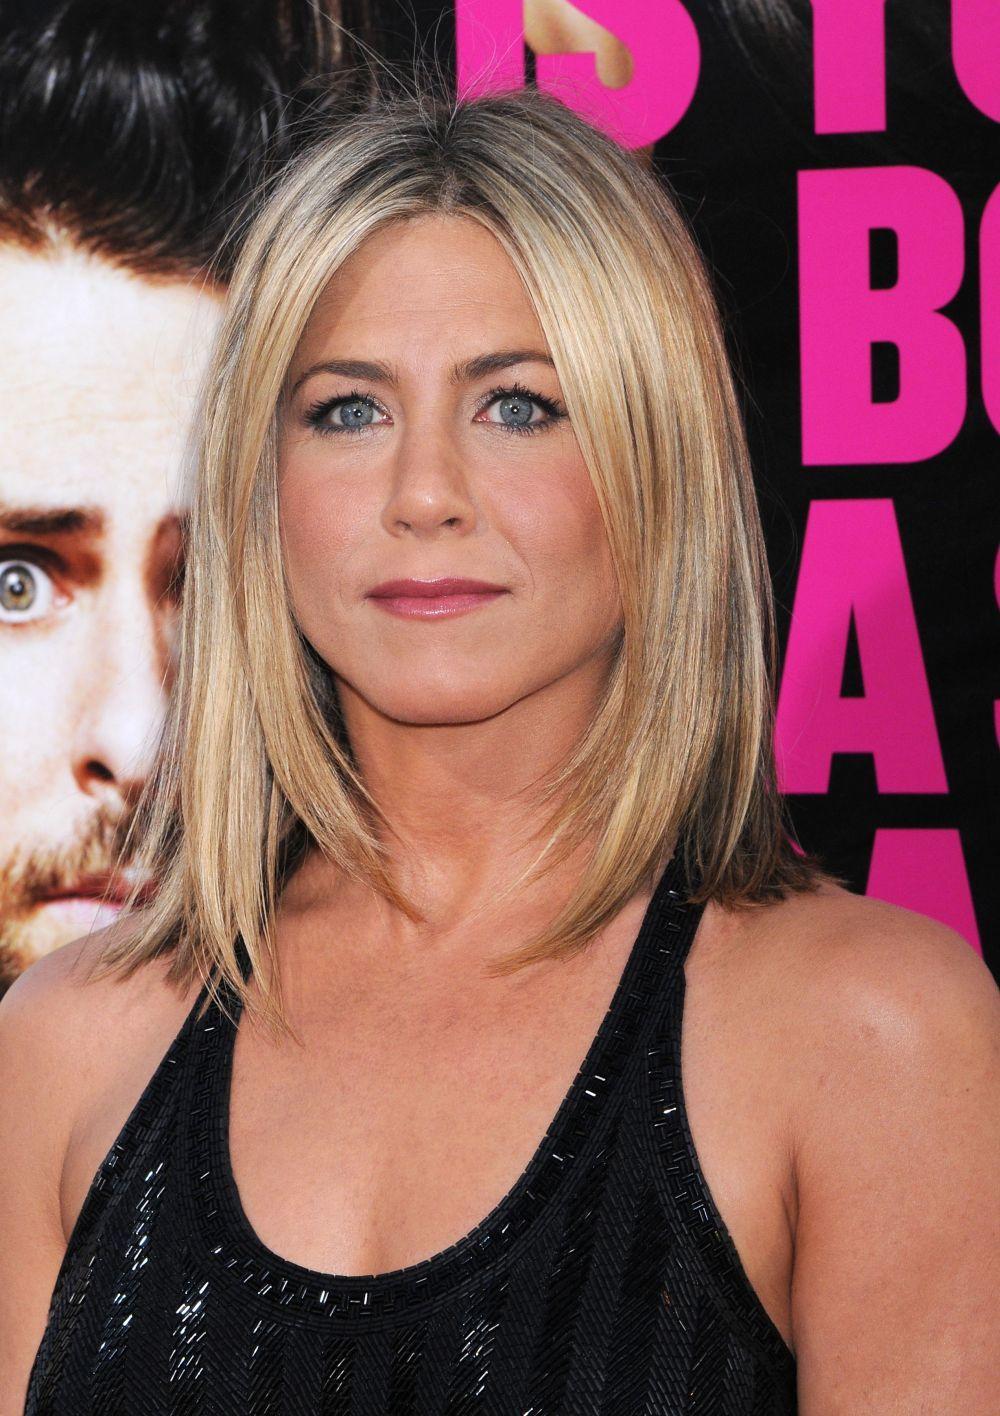 En 2011 Jennifer Aniston lució un corte de pelo long bob a la altura de los hombros con unas mechas mucho más rubias que las de su tono habitual.